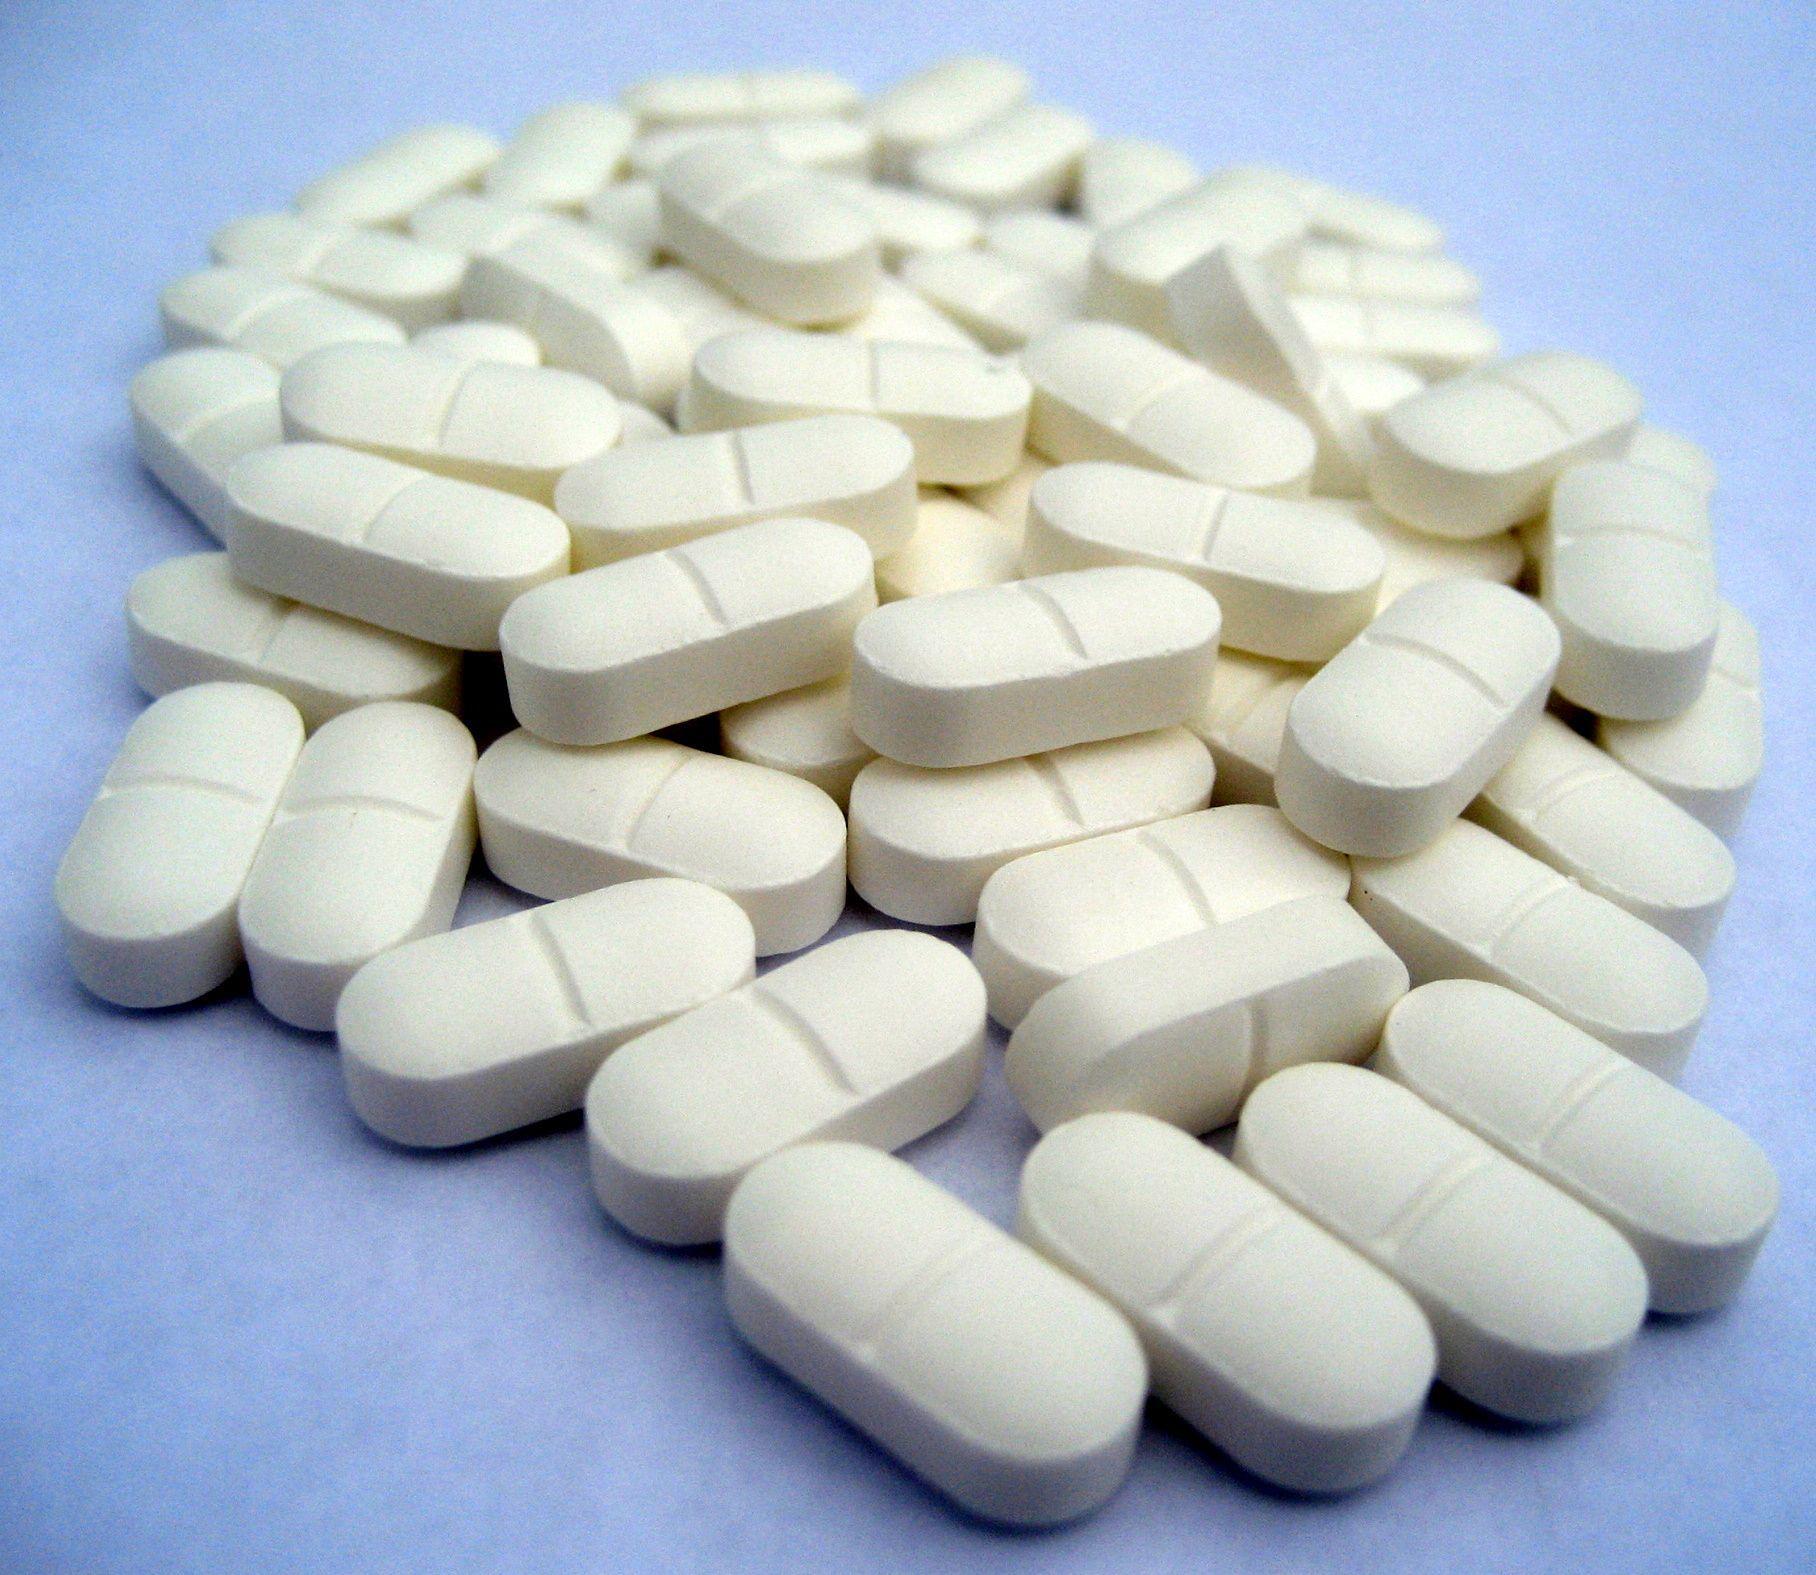 Una foto que representa pastillas de medicamentos